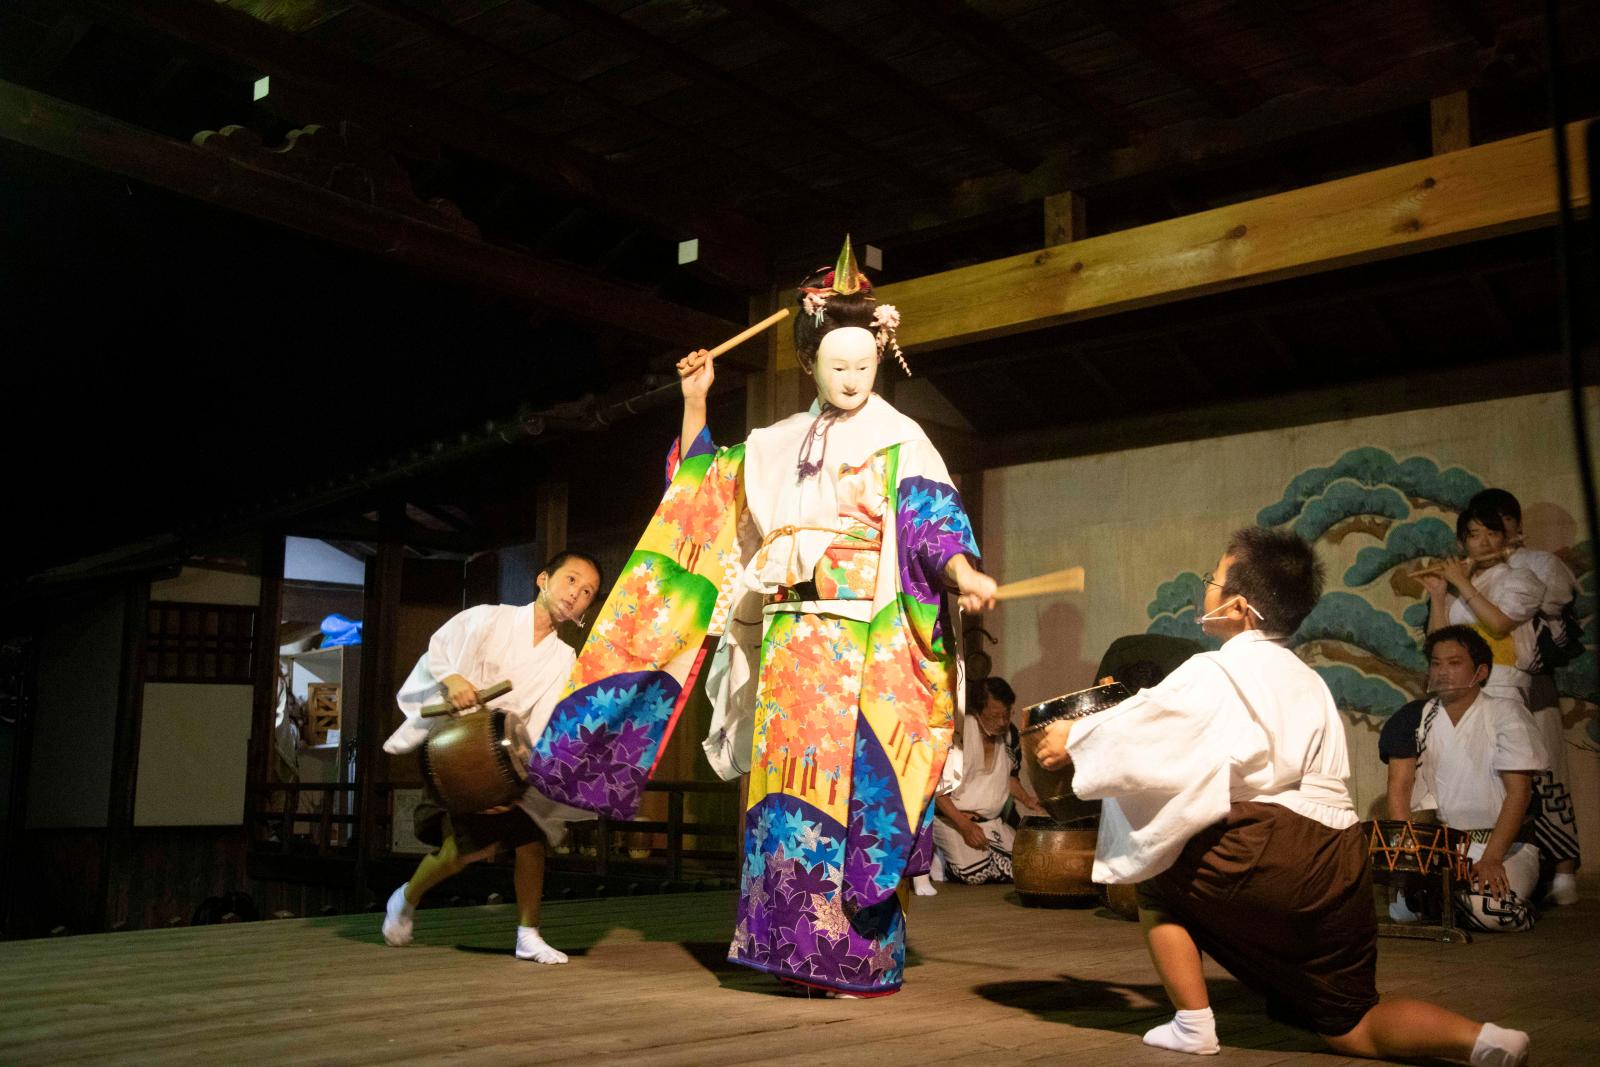 練習場所にもなった、御霊神社の能舞台での奉納。